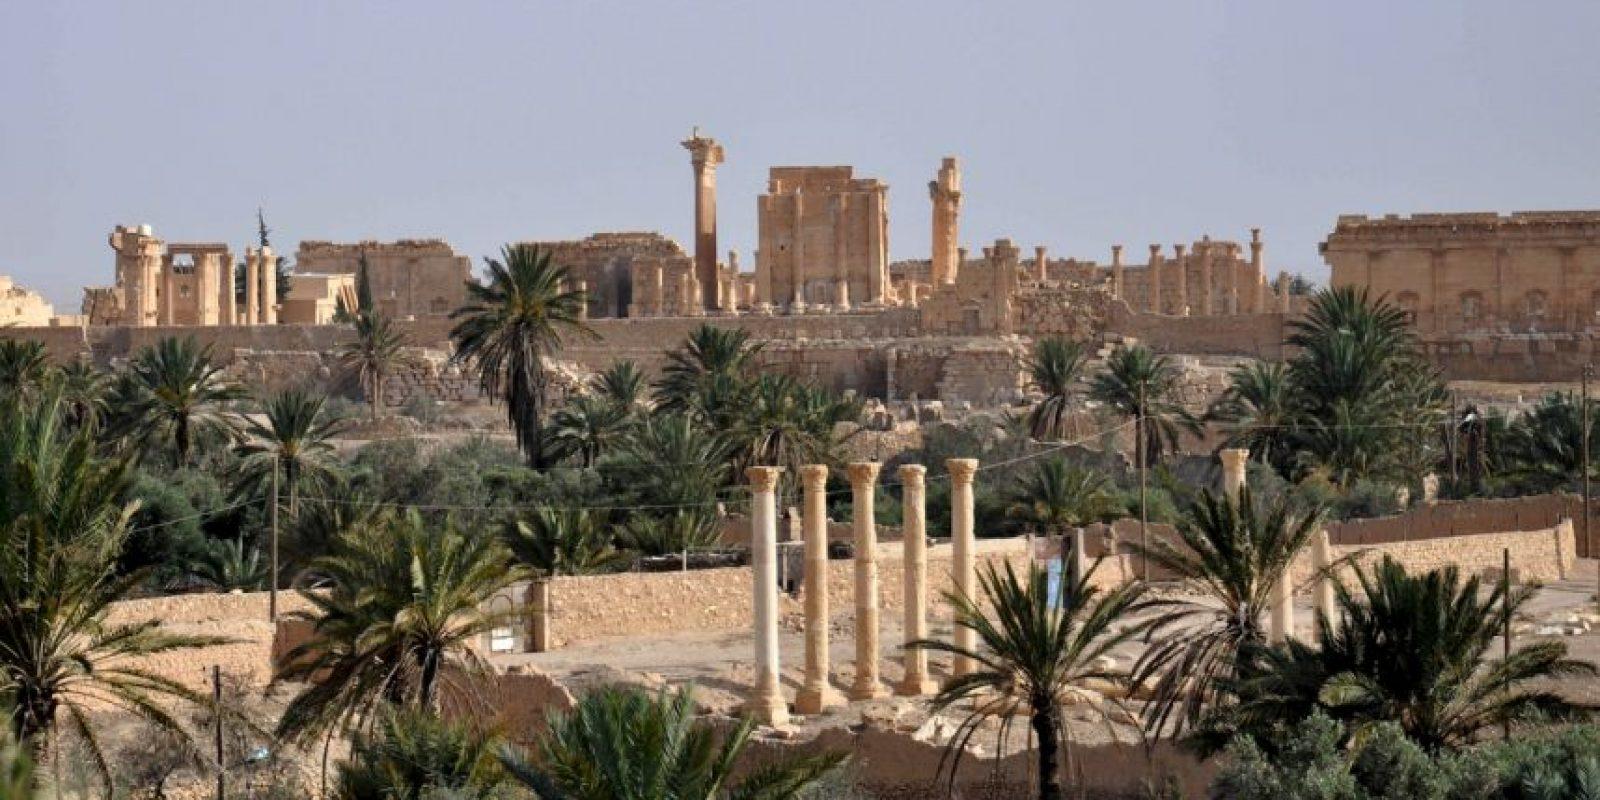 """También ha destruido restos arqueológicos en Hatra y de la bíblica Nínive, en Irak, según el periódico español """"El País"""". Foto:AFP"""